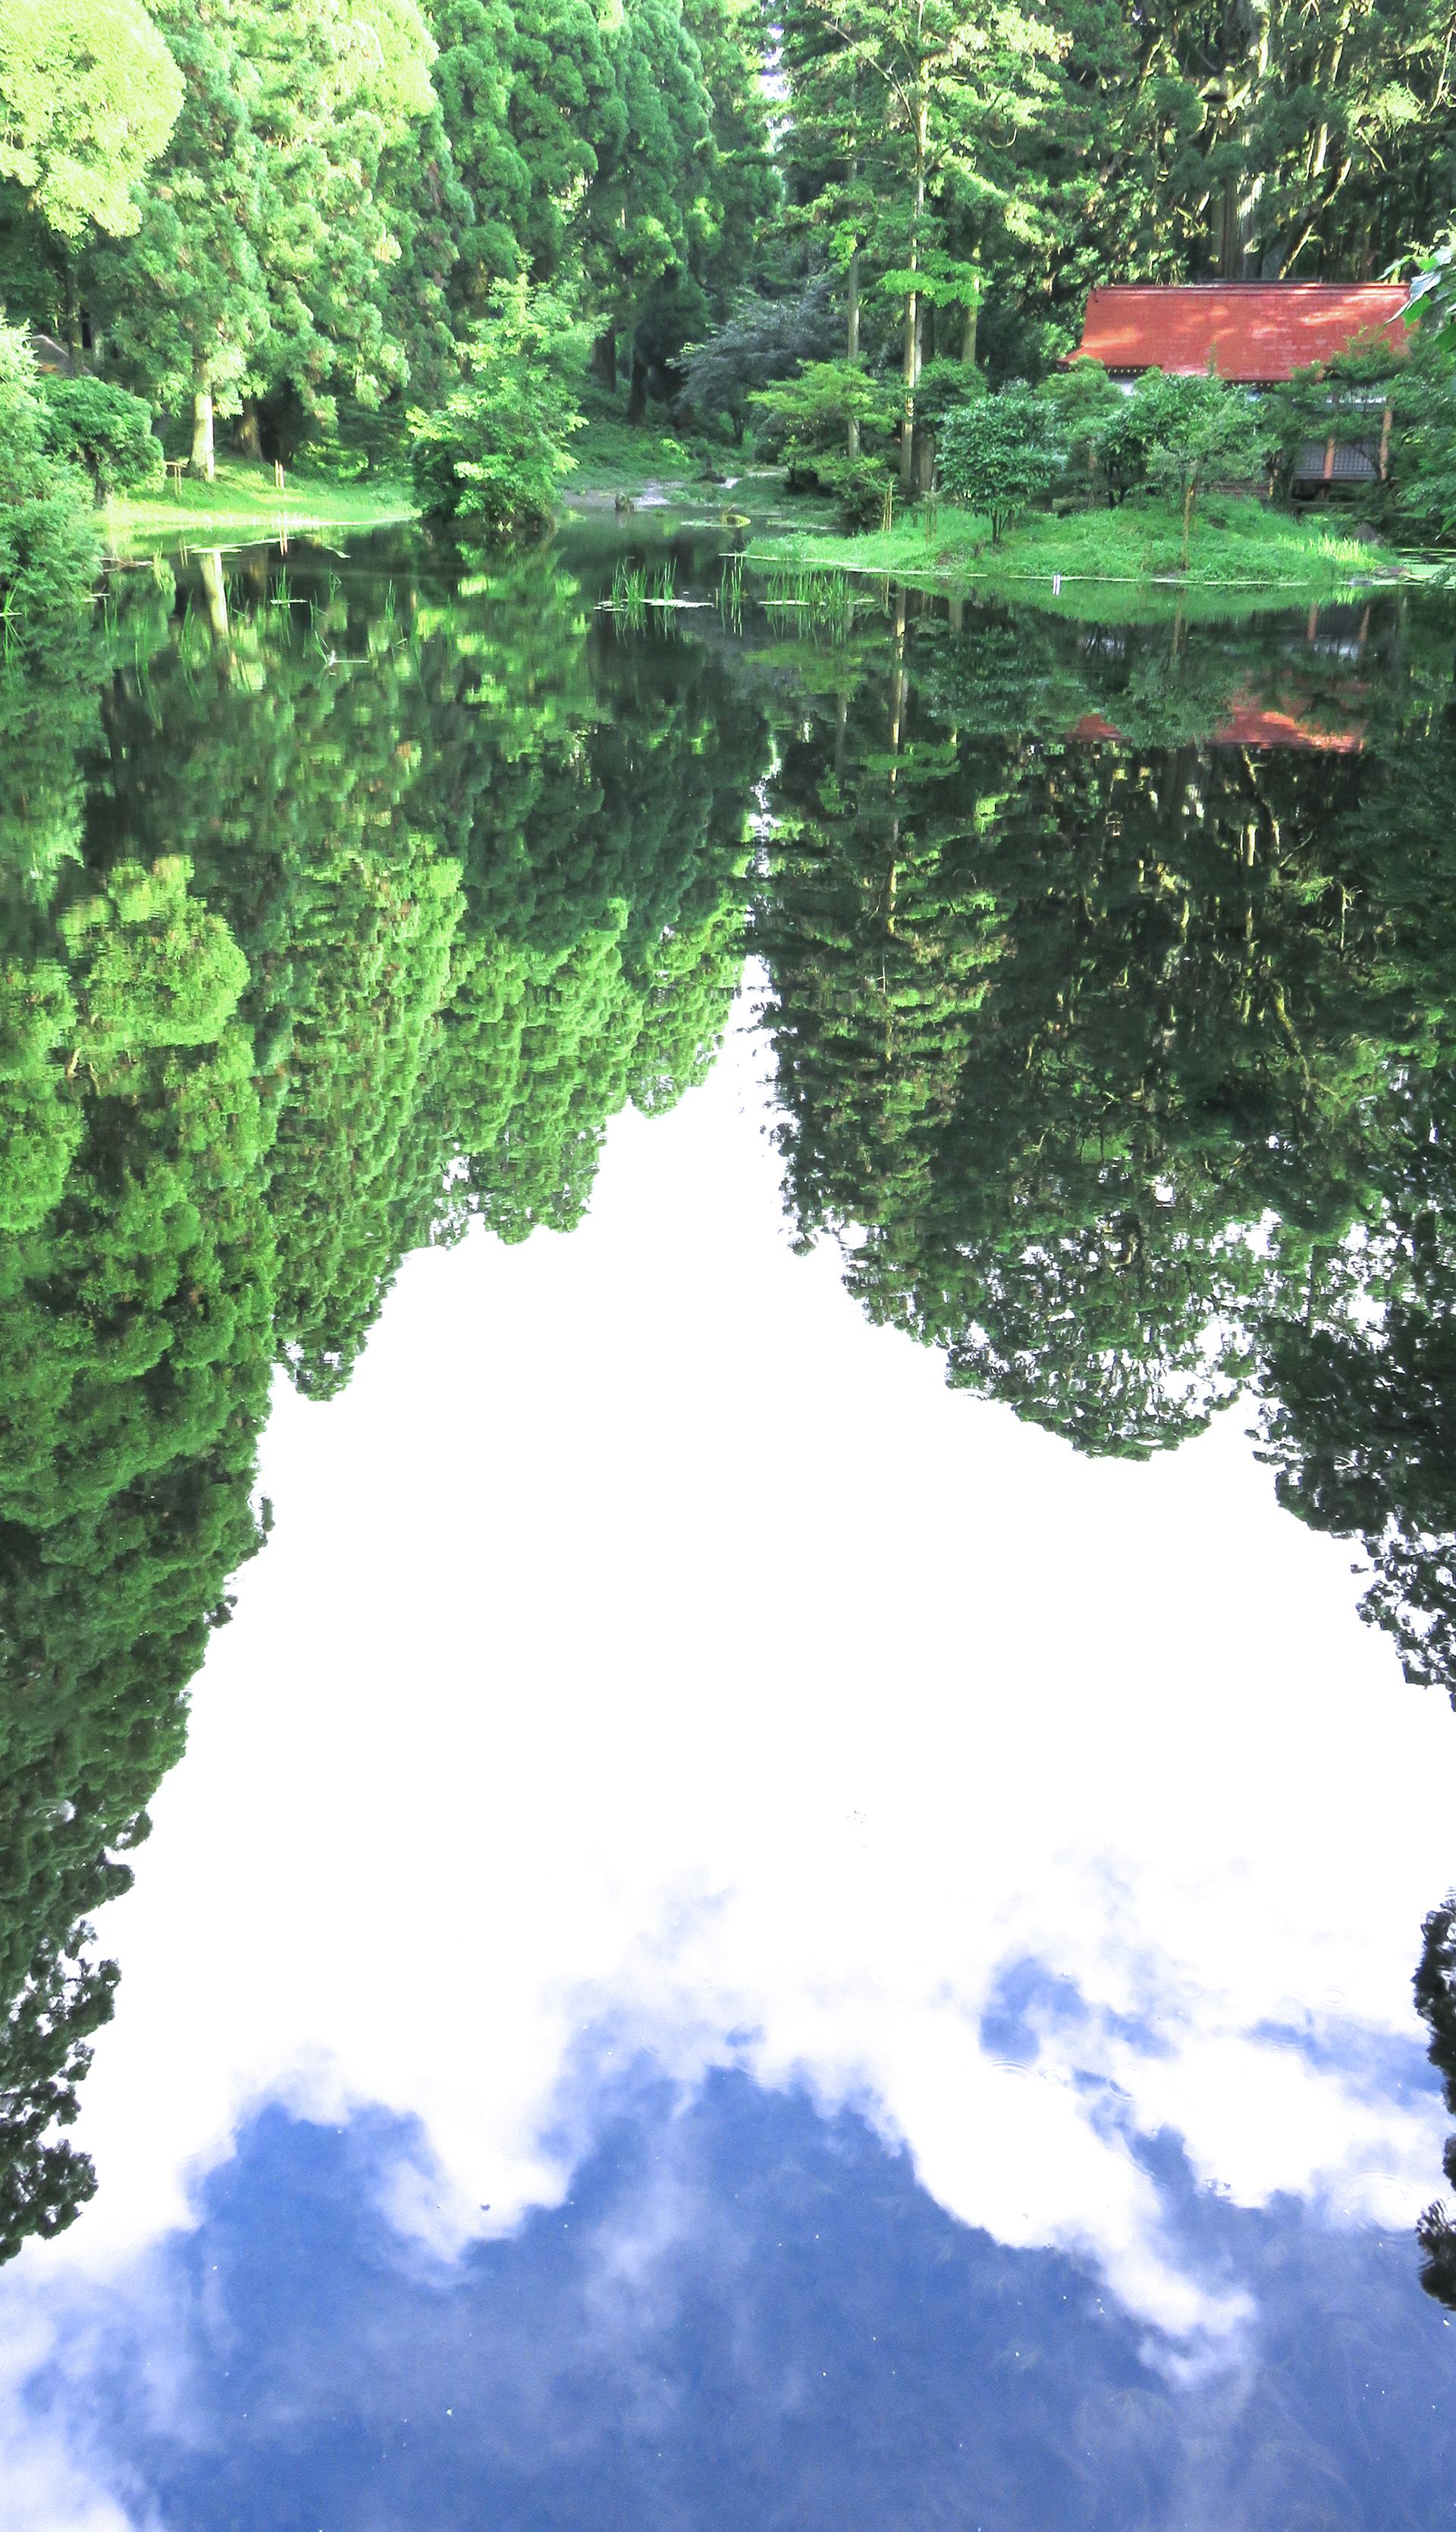 納池公園の庭園、空に落ちる。